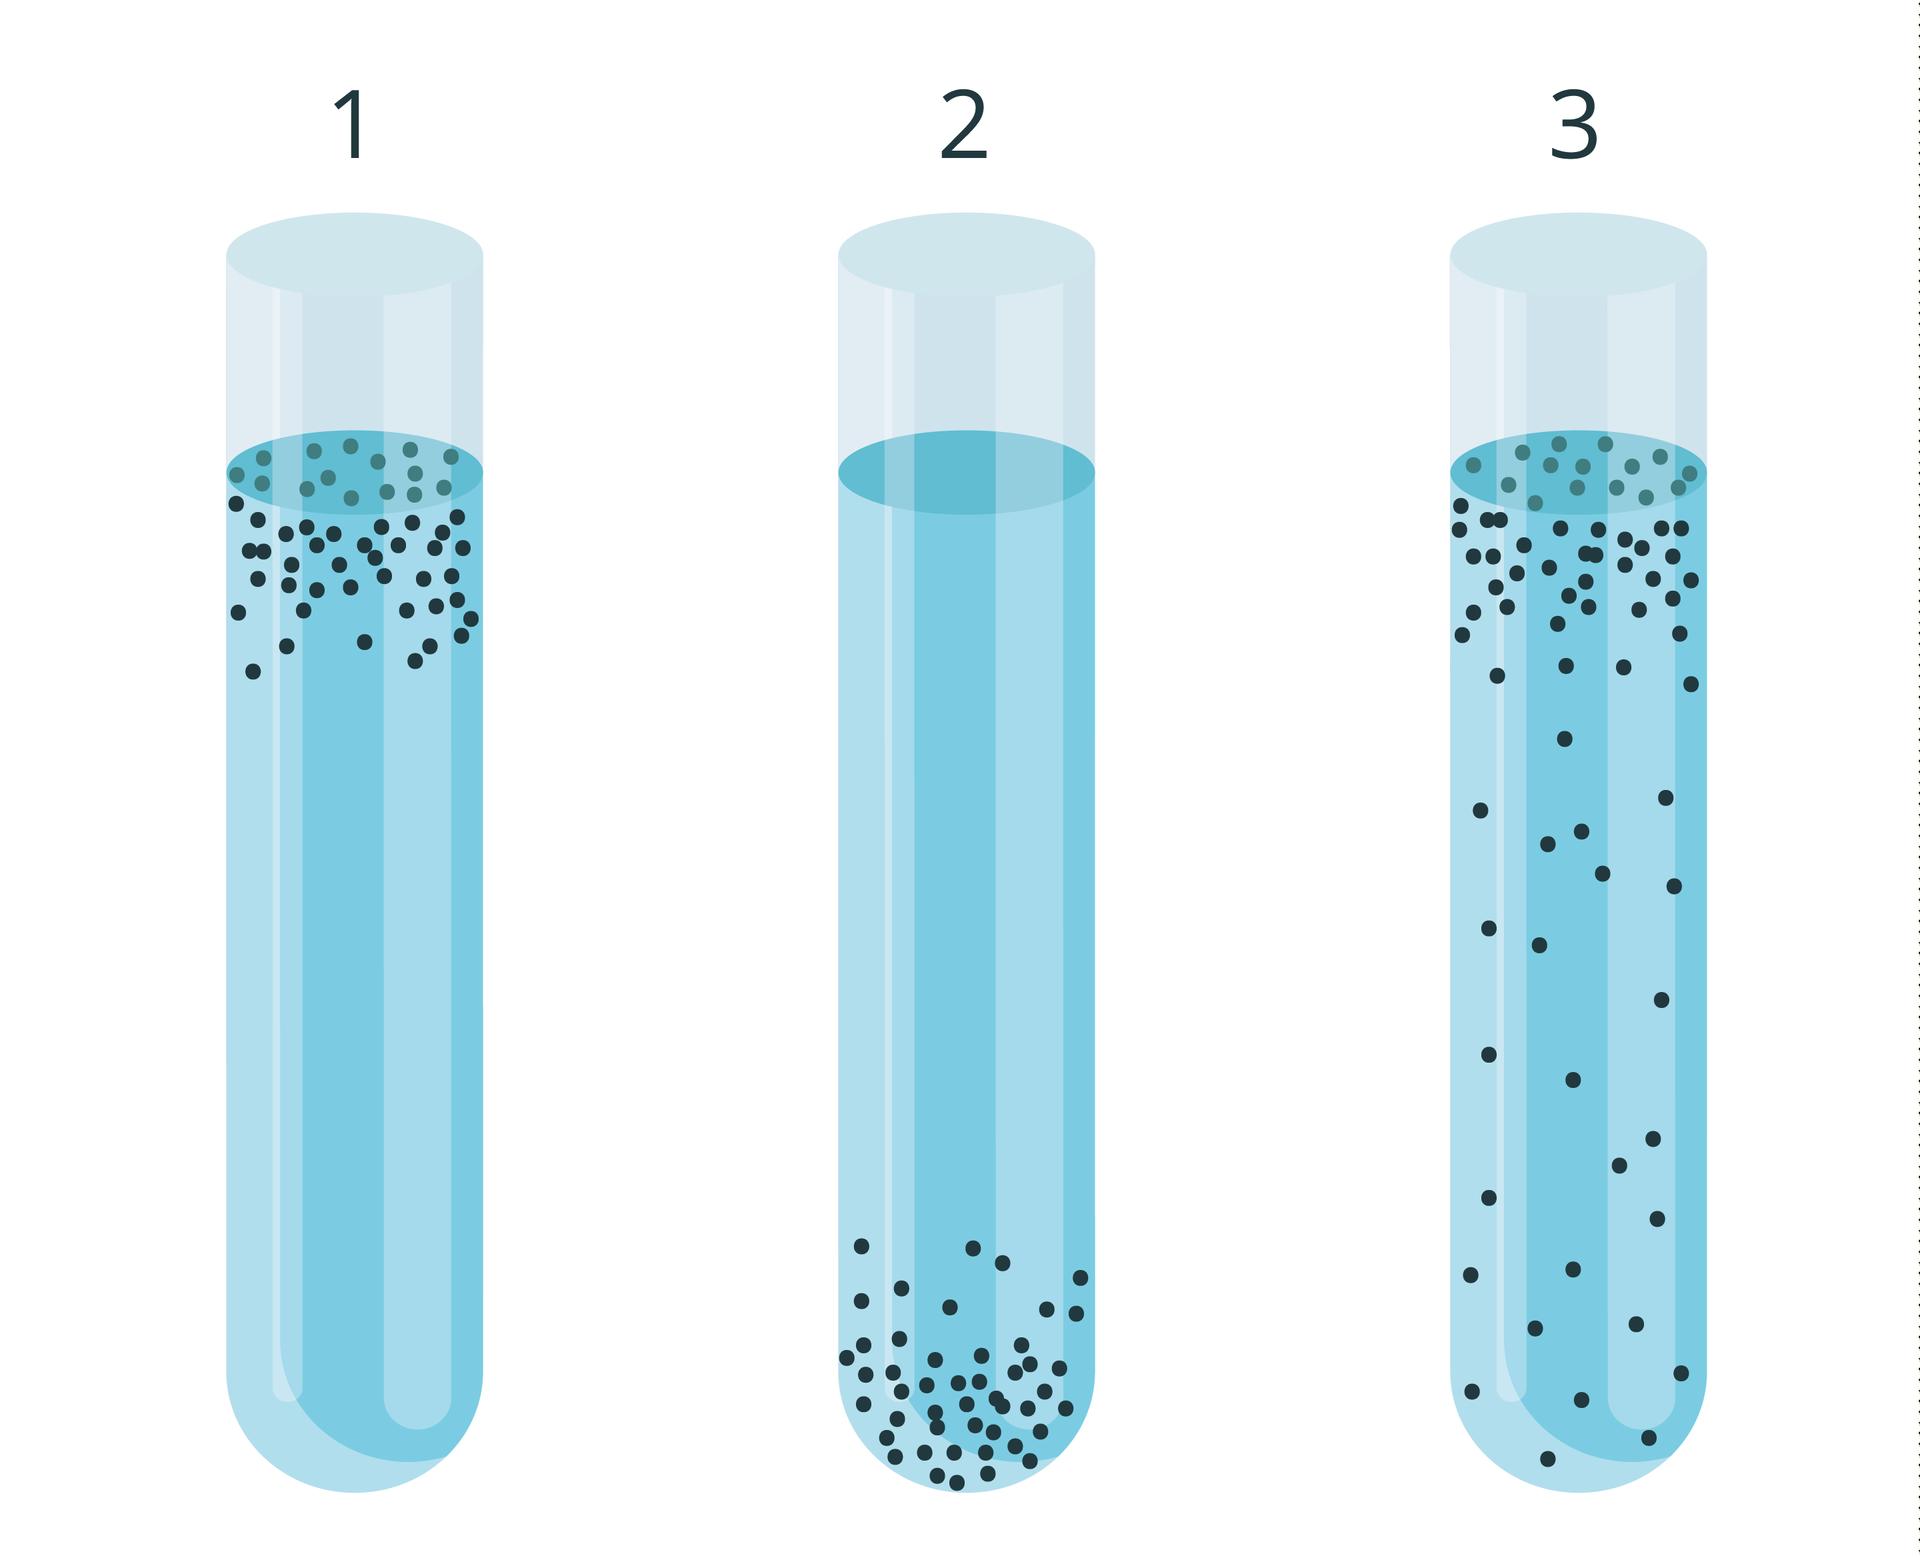 Ilustracja przedstawia trzy jasno szare naczynia laboratoryjne, czyli próbówki. Znajduje się wnich błękitny płyn iczarne kropki, oznaczające bakterie. Próbówki maja numery od jeden do trzech. Wpierwszej bakterie są skupione ugóry. Wdrugiej bakterie znajdują się na dole próbówki. Wtrzeciej próbówce bakterie są rozmieszczone wcałym płynie, jednak większość skupia się pod powierzchnią.